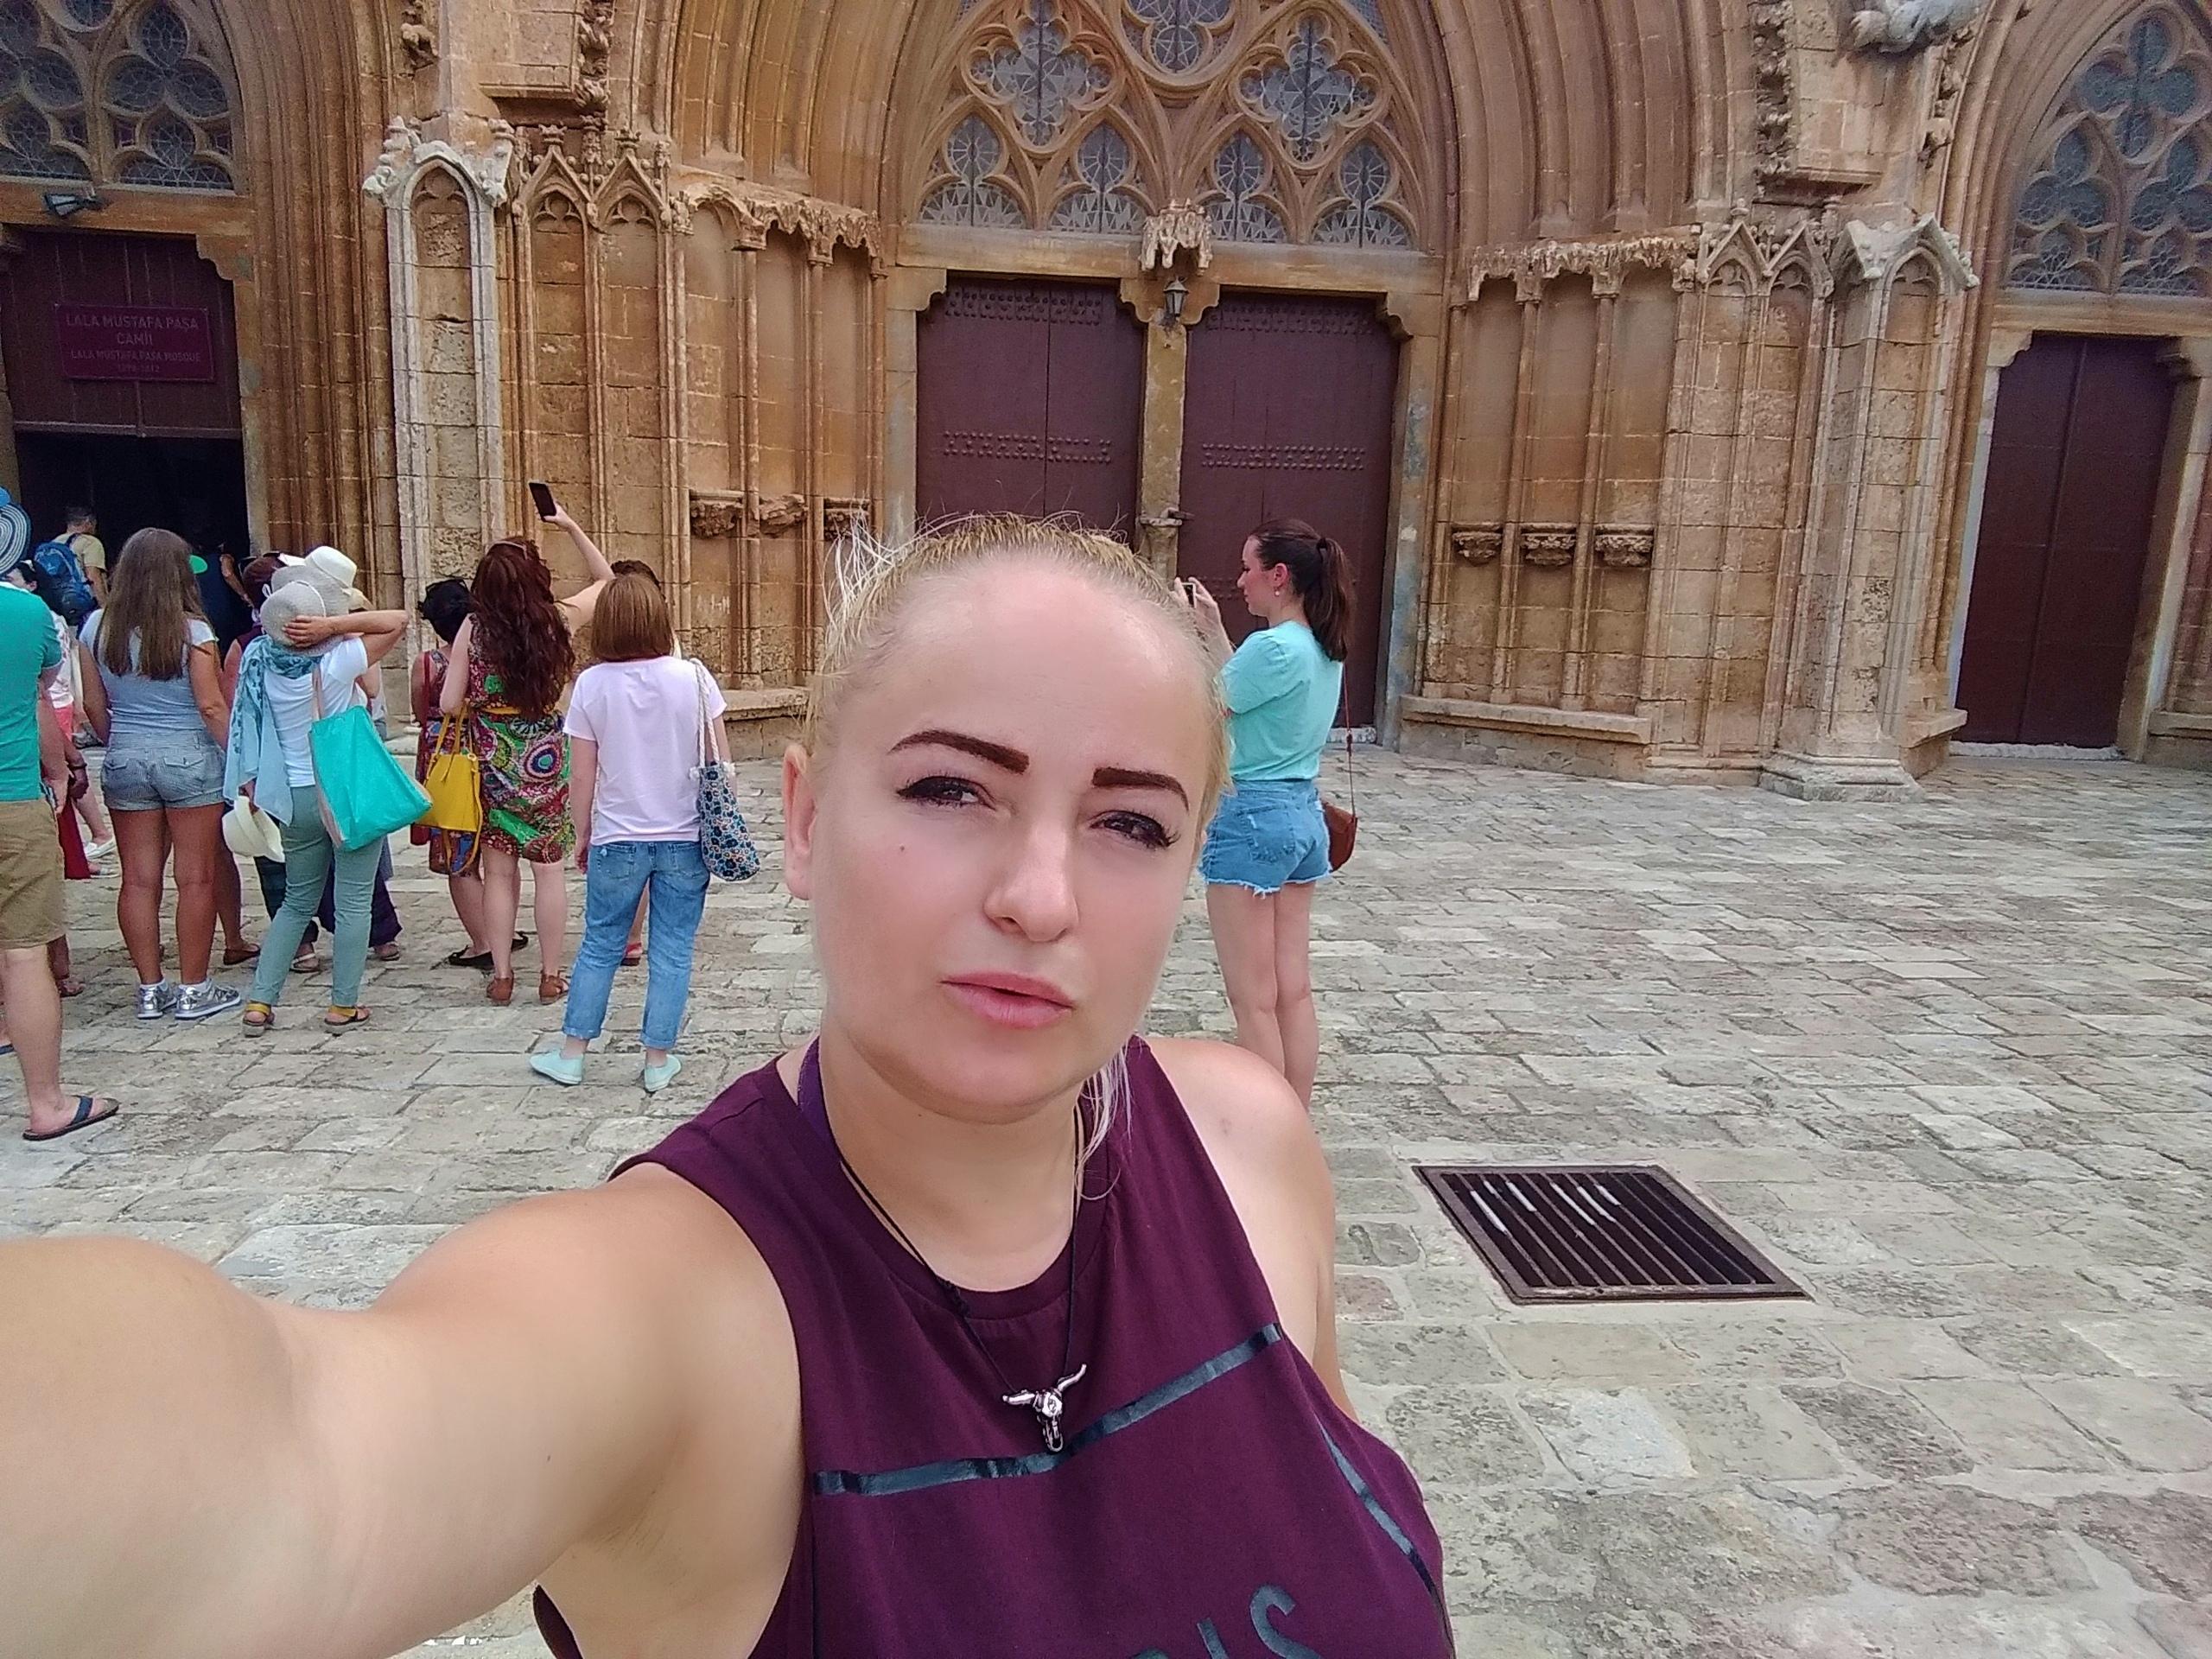 перелет - Елена Руденко (Валтея). Кипр мои впечатления. отзывы, достопримечательности, фото и видео.  MiyZktZV9FQ